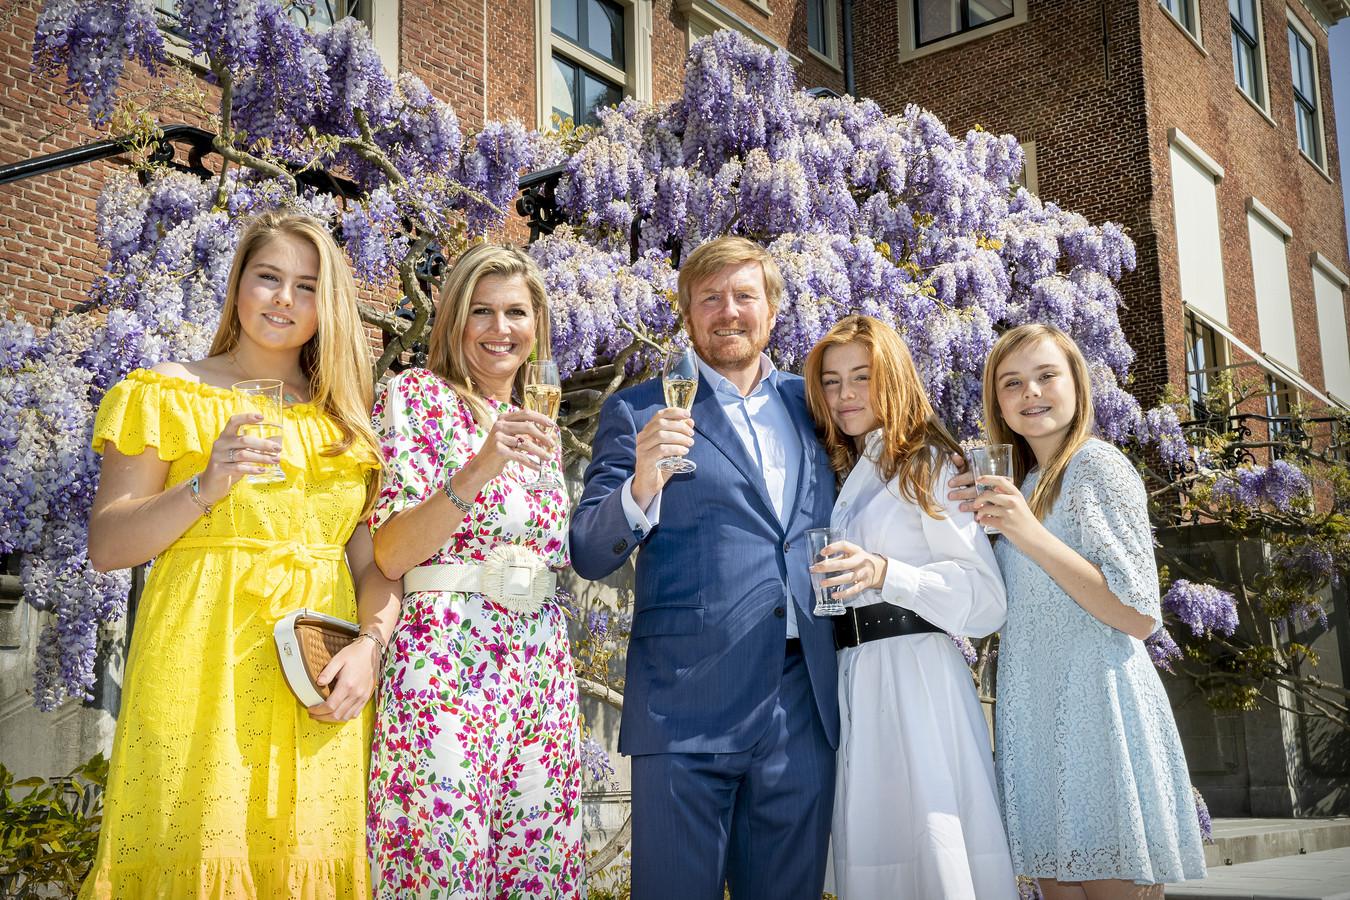 Koning Willem-Alexander, Koningin Maxima en de prinsessen Amalia, Alexia en Ariane brengen voor Paleis Huis ten Bosch een toost uit op Koningsdag. Vanwege de coronacrisis was de viering in Maastricht afgelast.